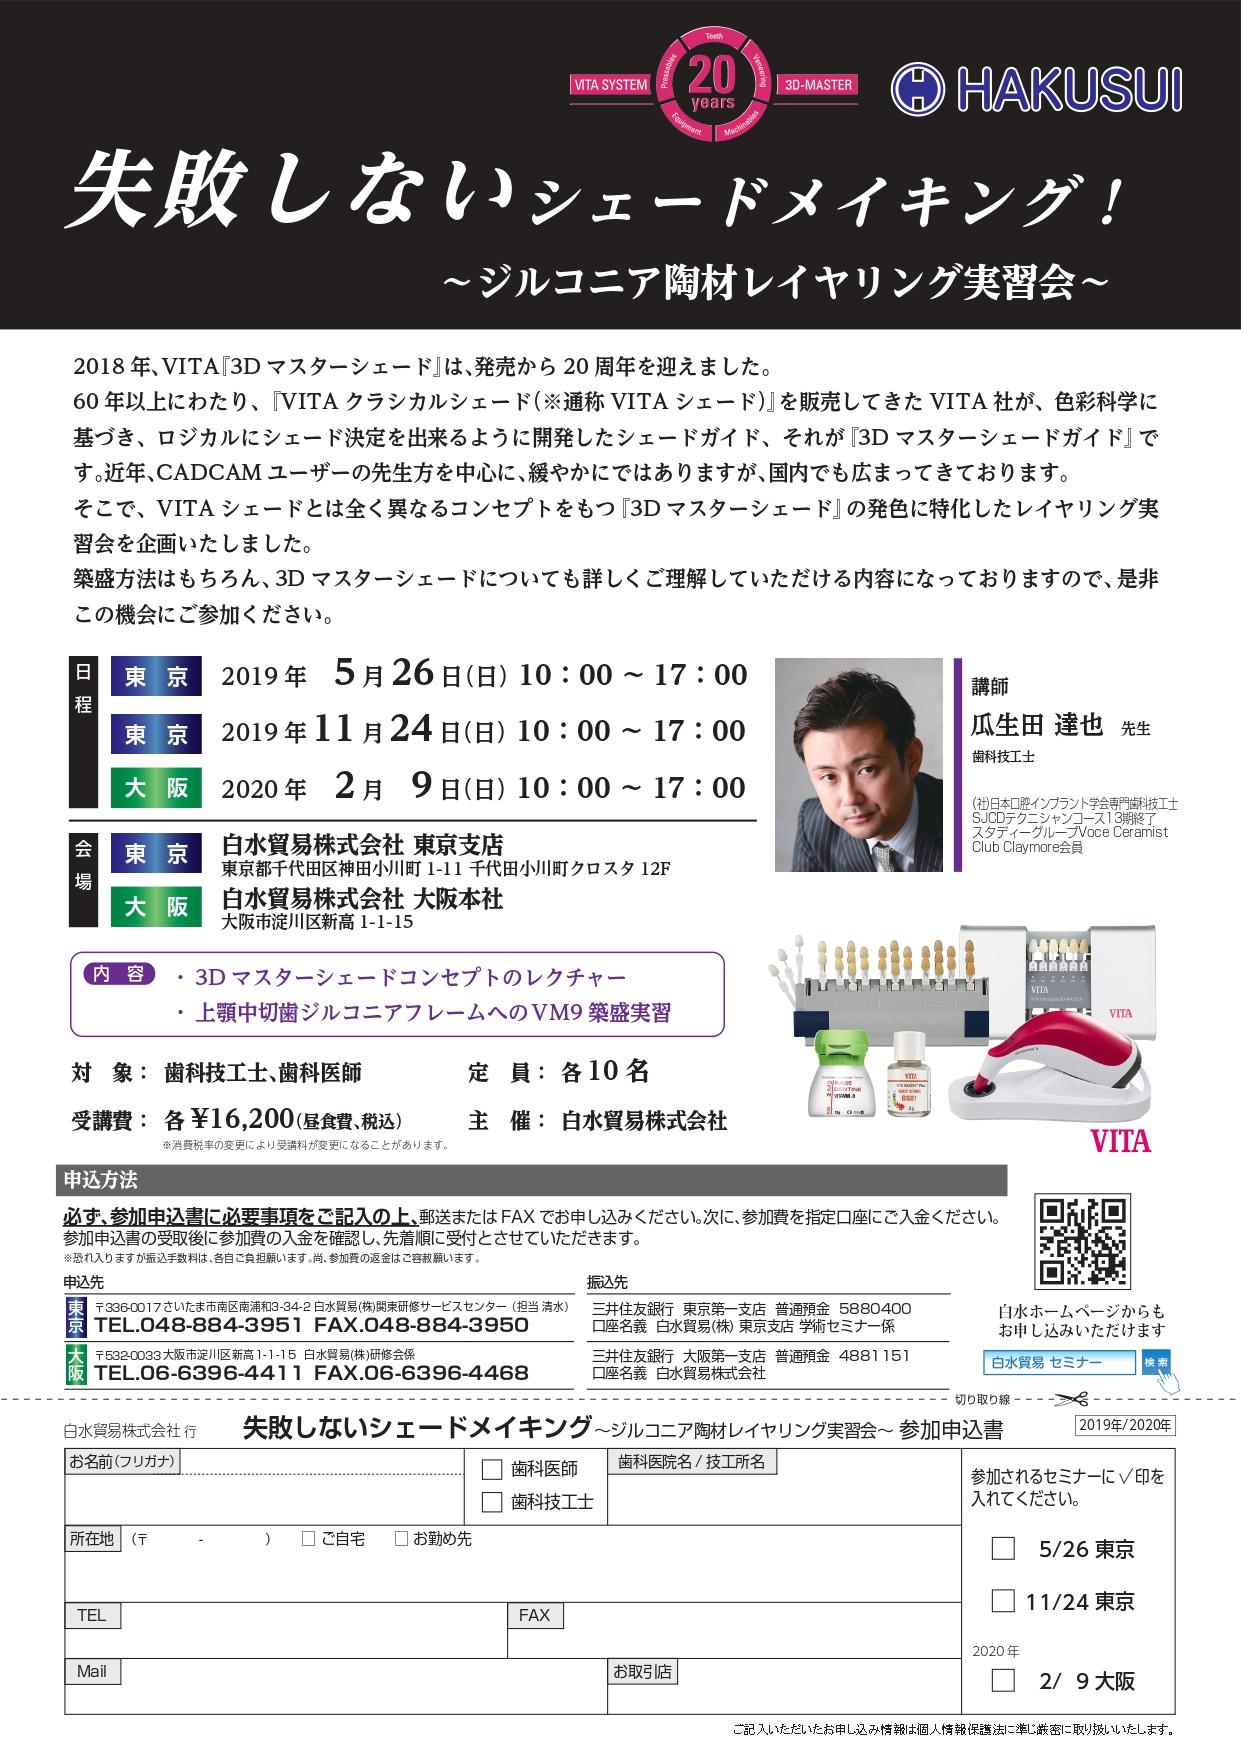 【満席】失敗しないシェードメイキング! ~ジルコニア陶材レイヤリング実習会~